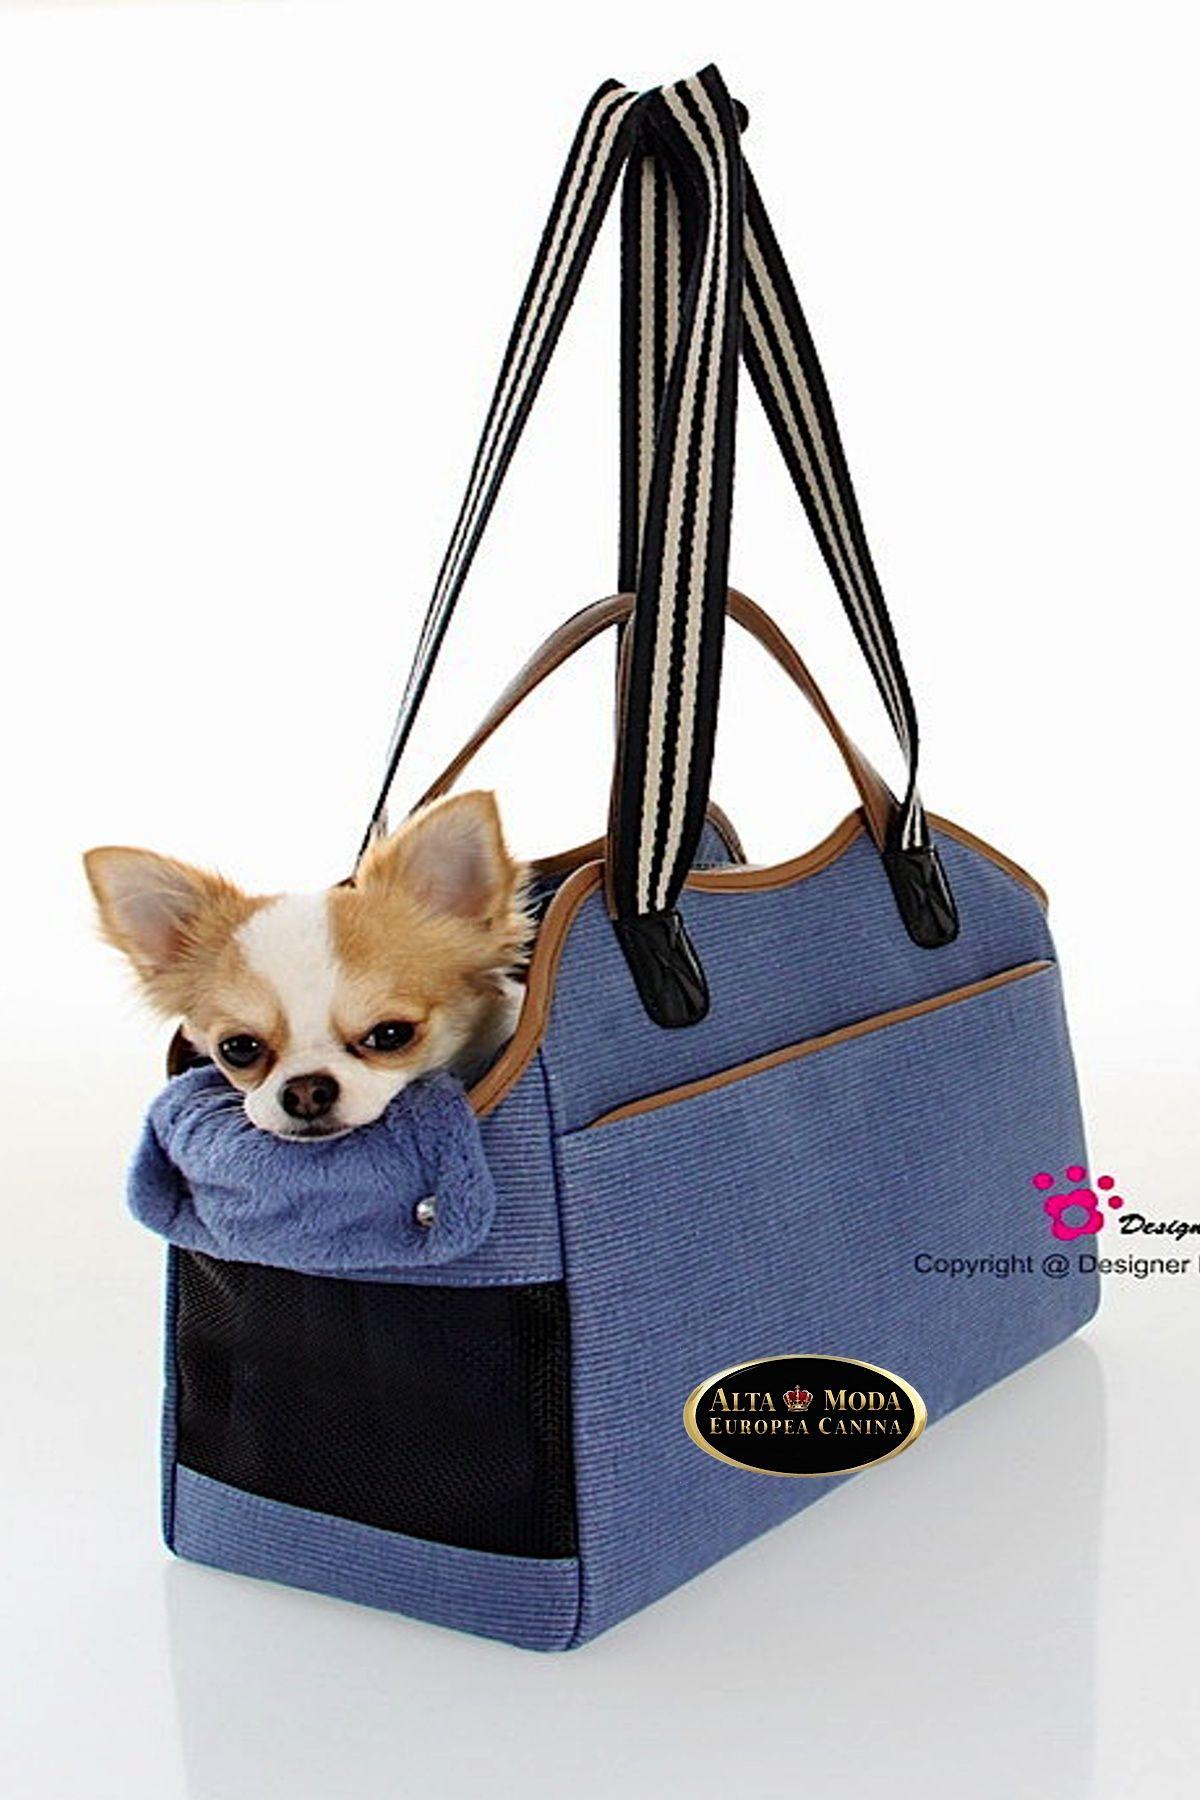 8cd3cf00ad3b Vas a comprar un bolso...  mira todos nuestros modelos http